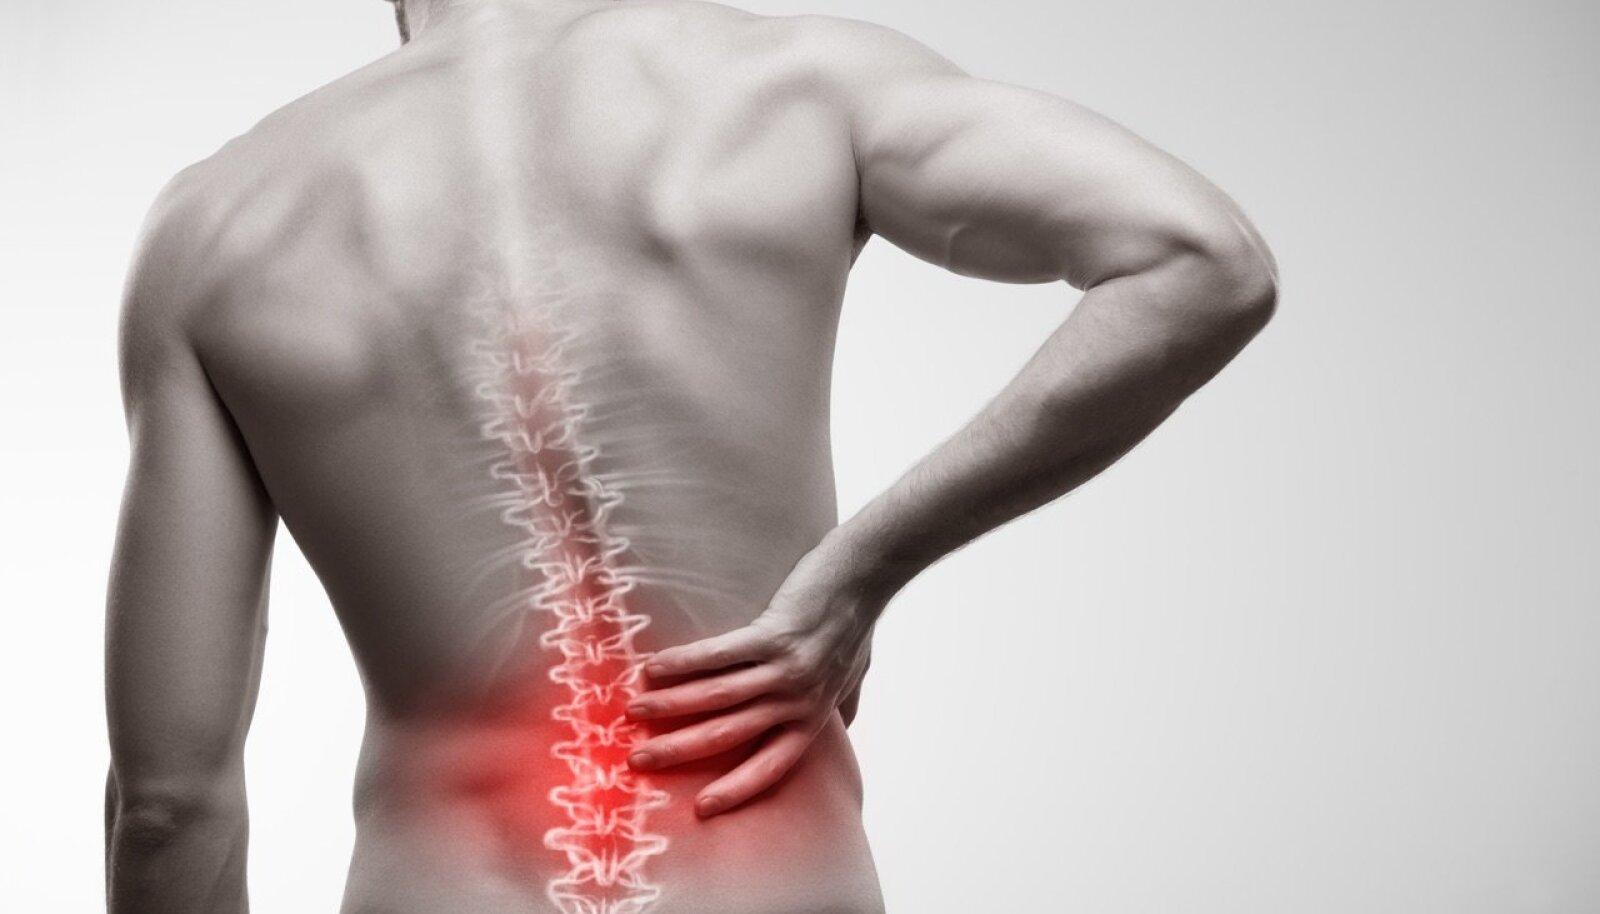 kuidas ja kuidas ravida valu ravis kasi valu parast rasket tood